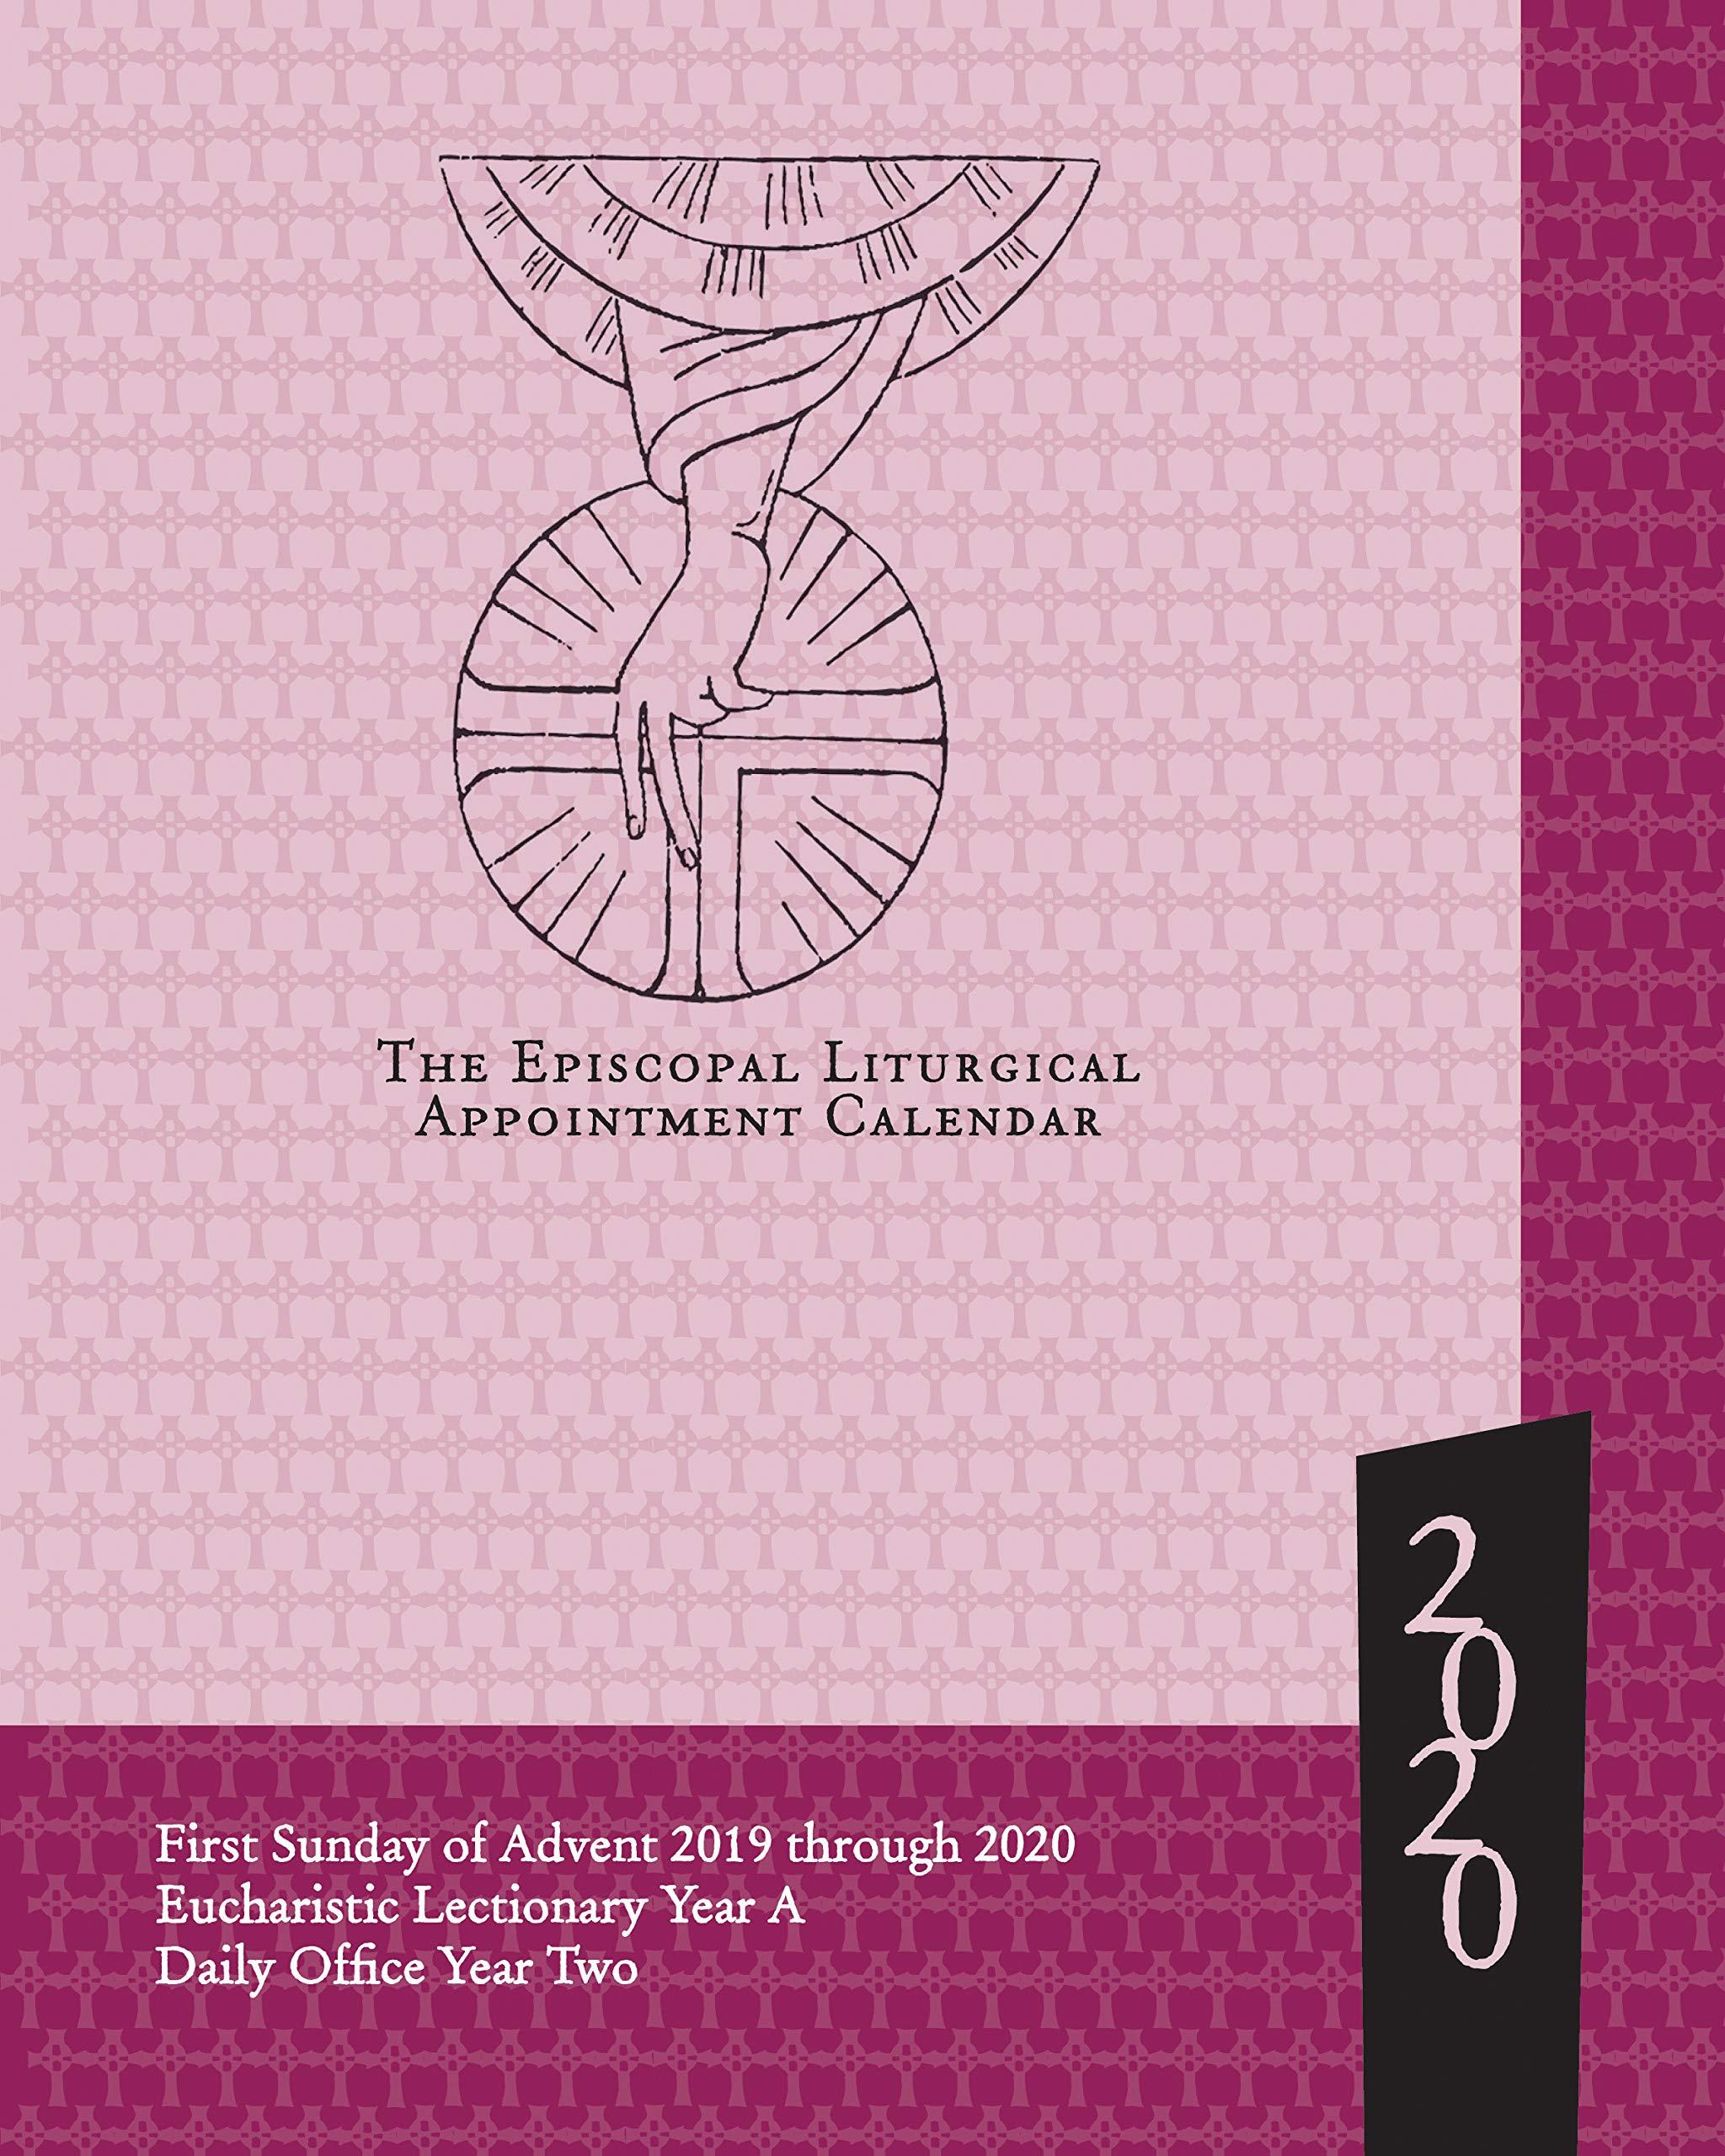 Episcopal Liturgical Calendar 2020 Episcopal Liturgical Appointment Calendar 2020: November 2019